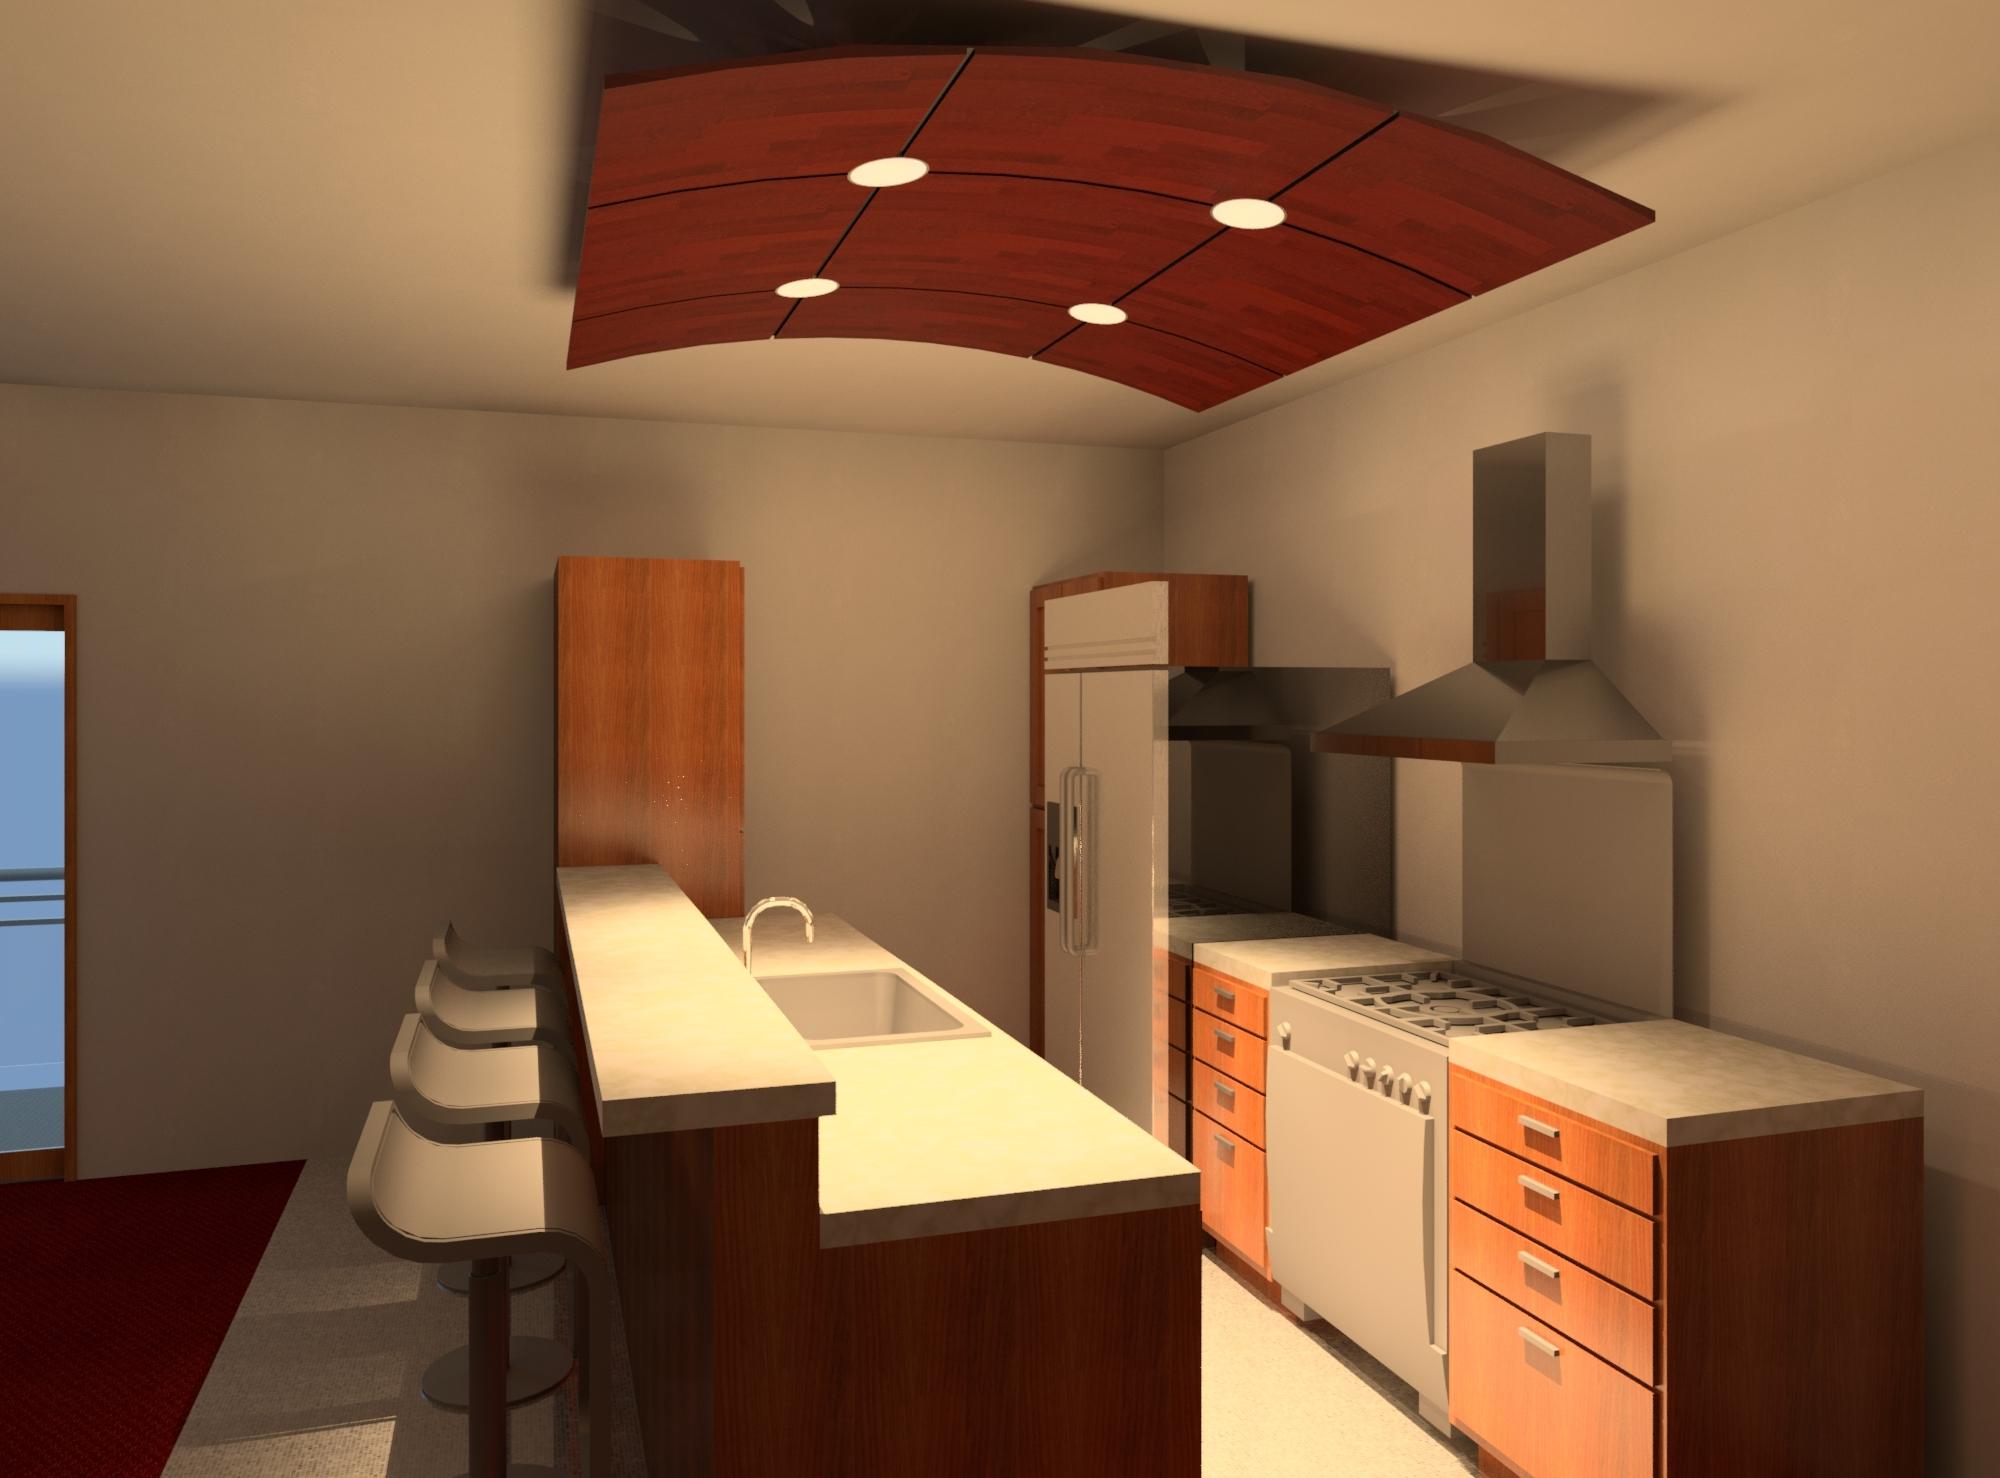 Raas-rendering20150526-15735-veqtw